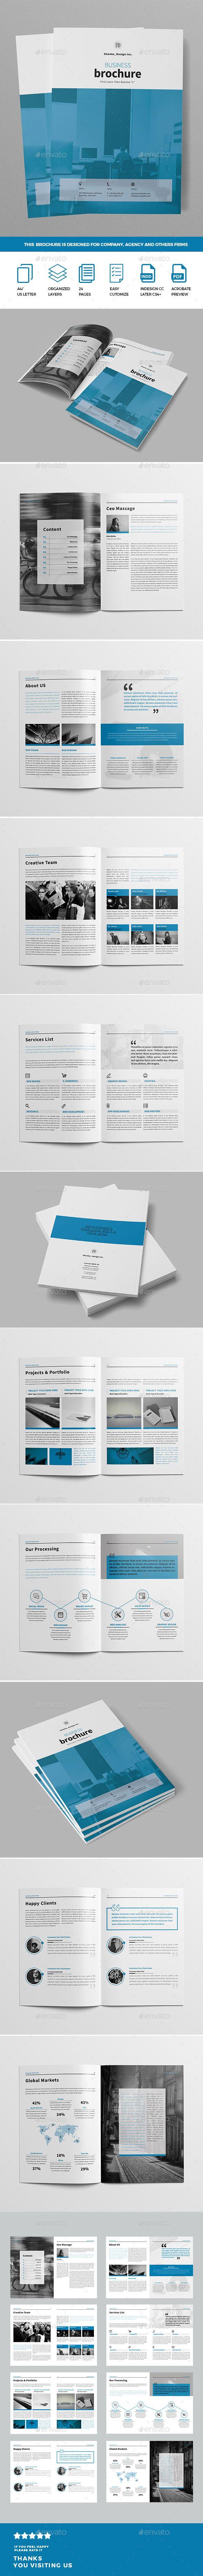 Brochure - Brochures Print Templates Download here : https://graphicriver.net/item/brochure/20139589?s_rank=132&ref=Al-fatih